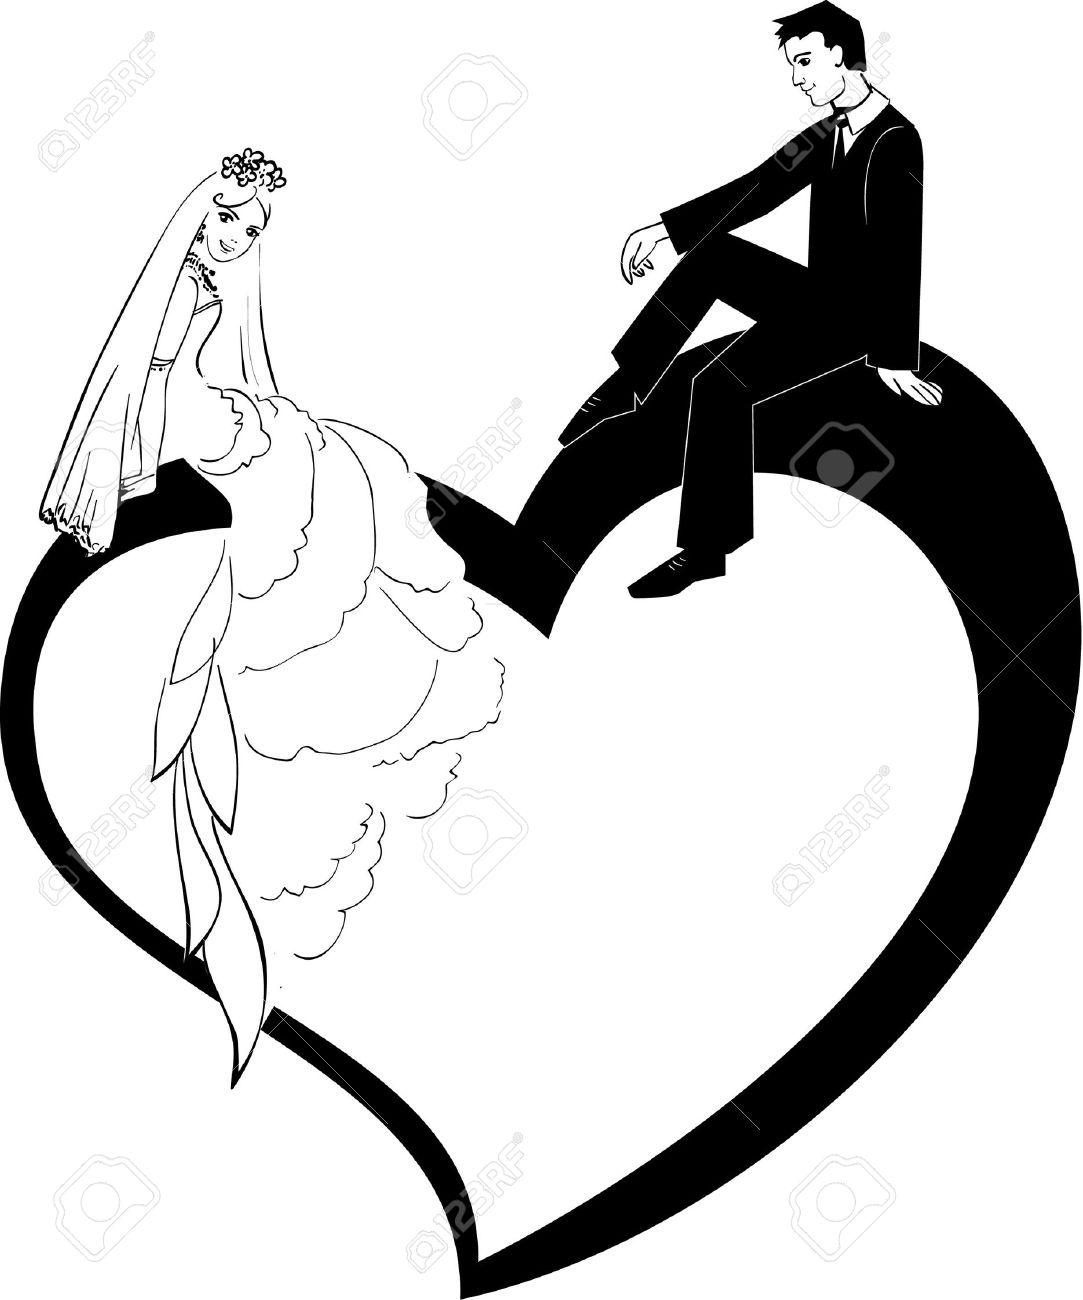 結婚式のカップルのイラスト ロイヤリティフリークリップアート